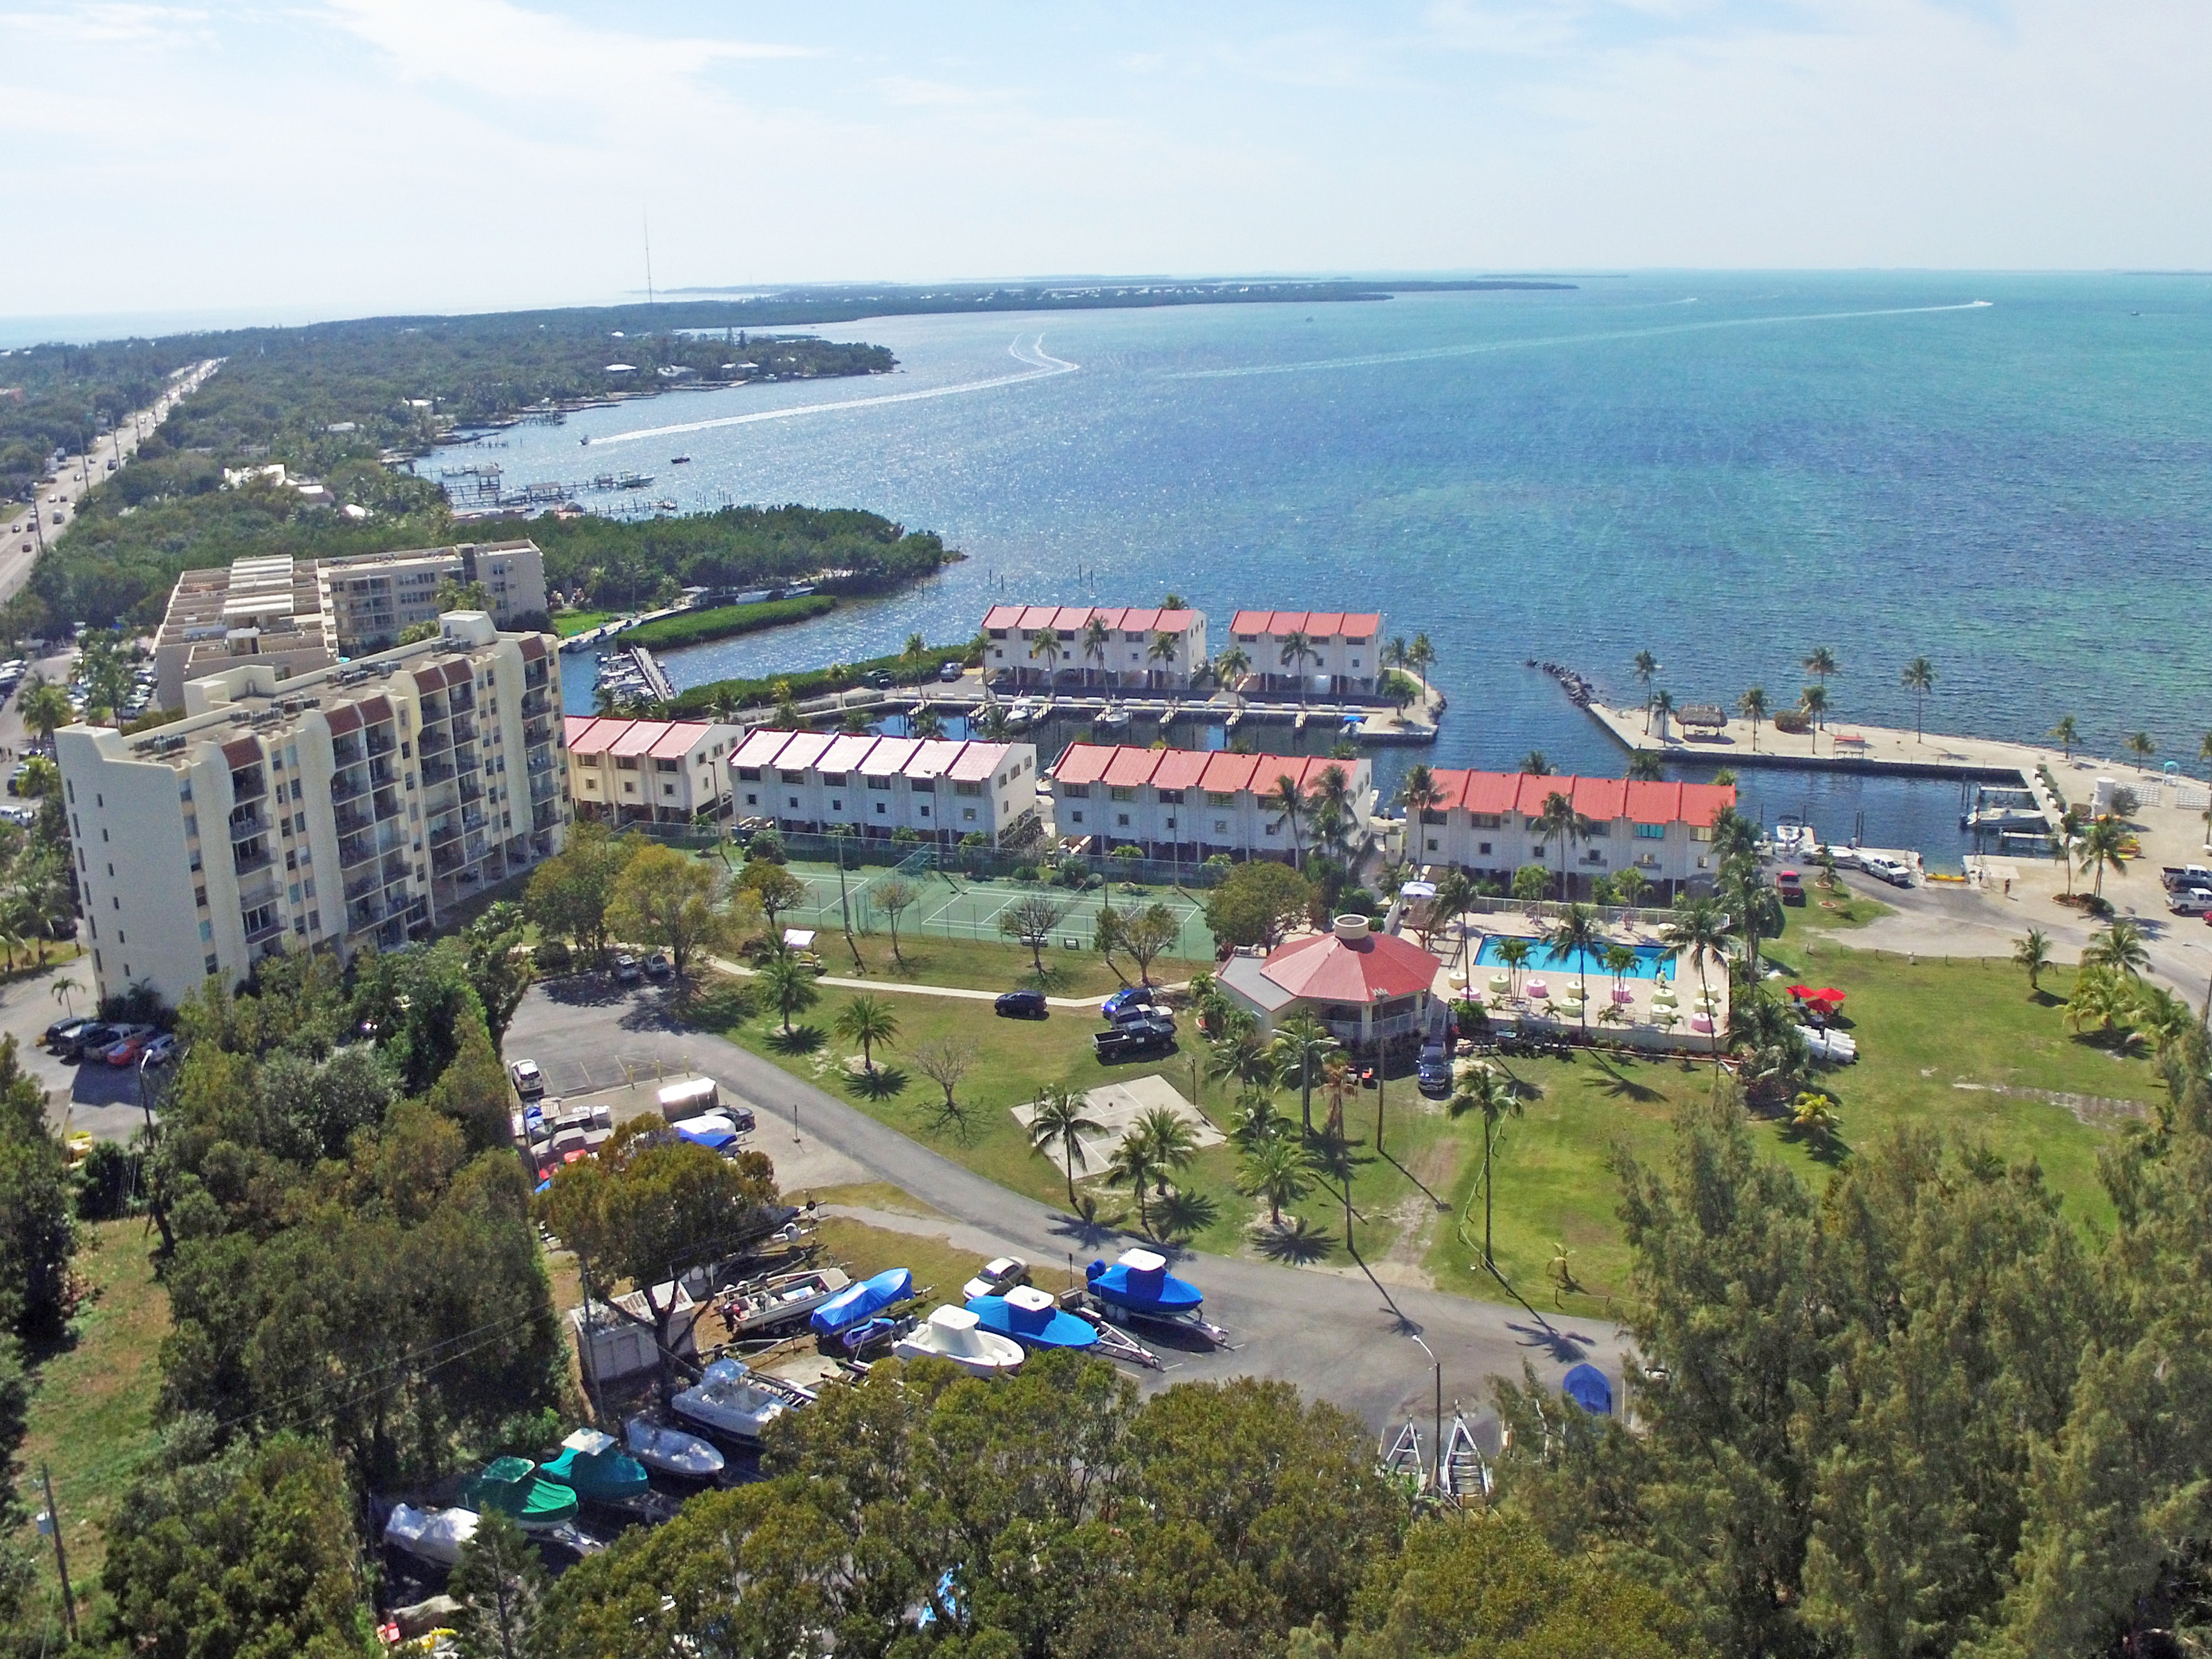 Florida Keys Rentals Futura Yacht Club Islamorada